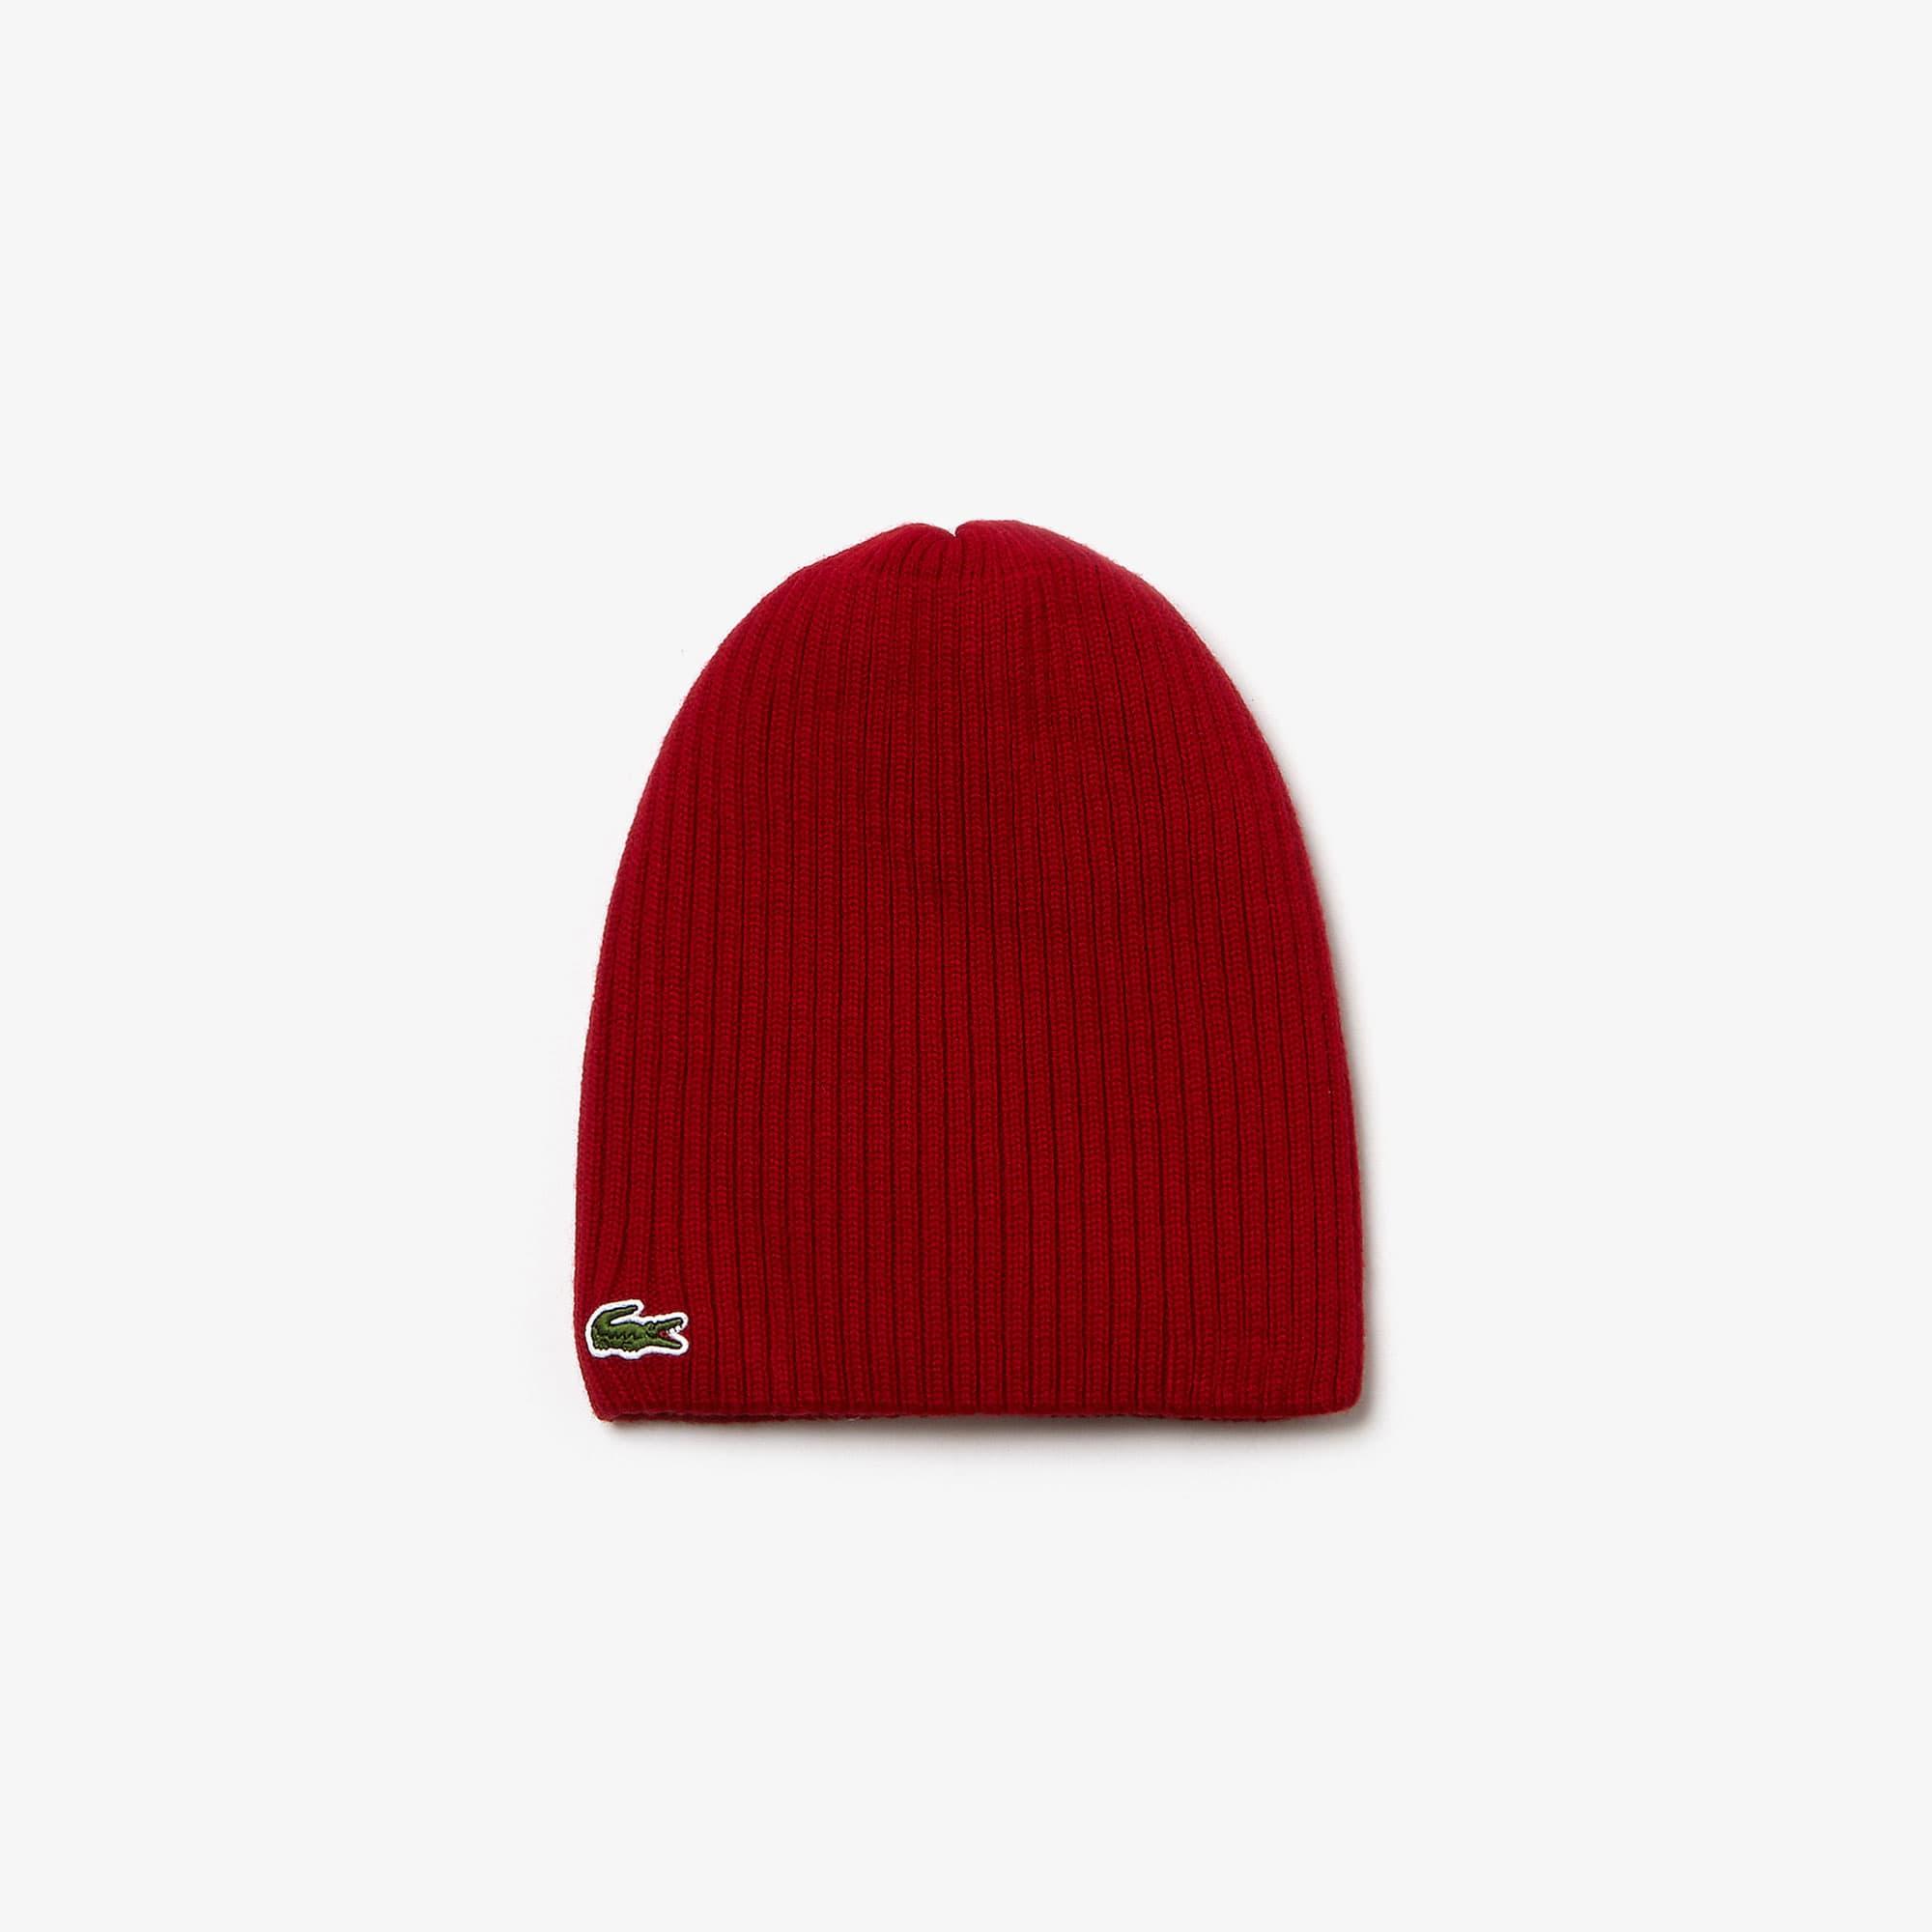 234cc6c62 Caps & Hats | Men's Accessories | LACOSTE